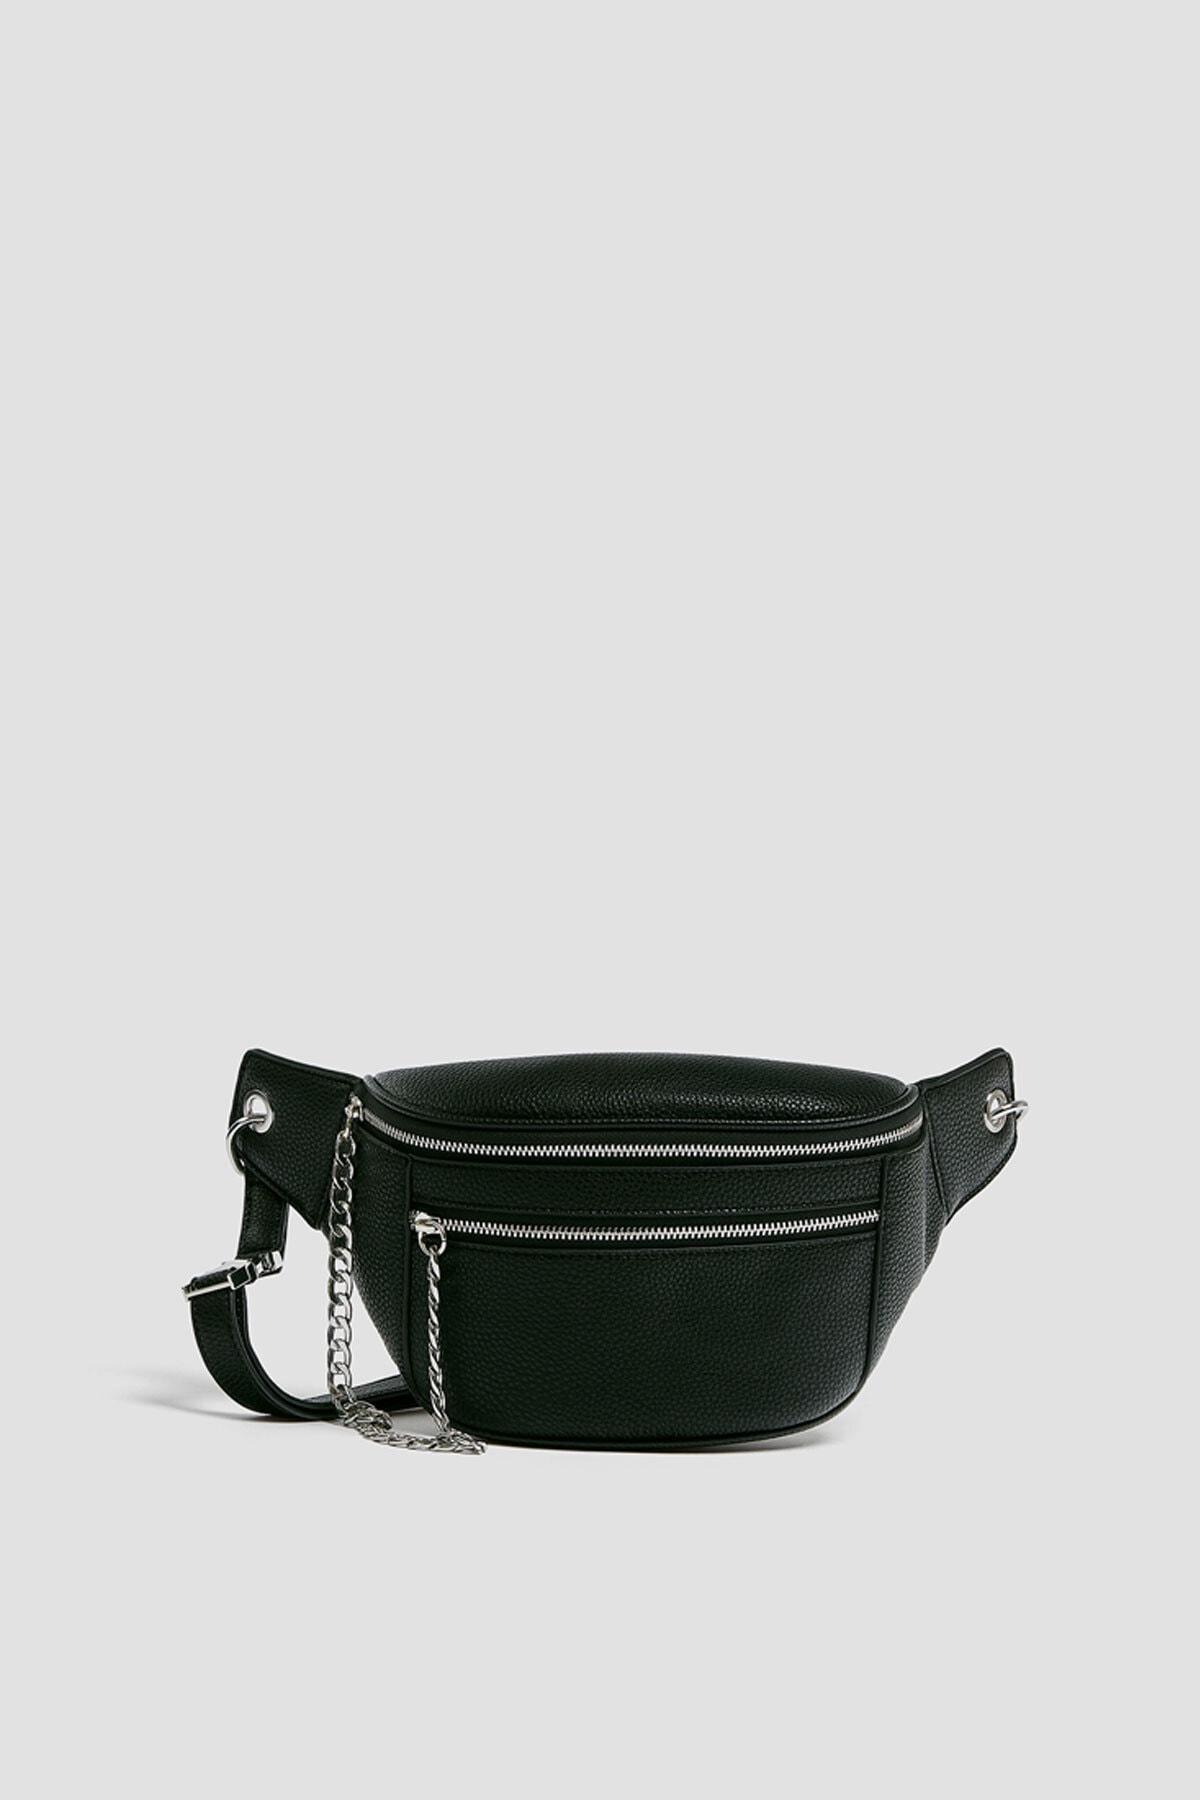 Pull & Bear Kadın Siyah Zincir Detaylı Bel Çantası 14007640 0